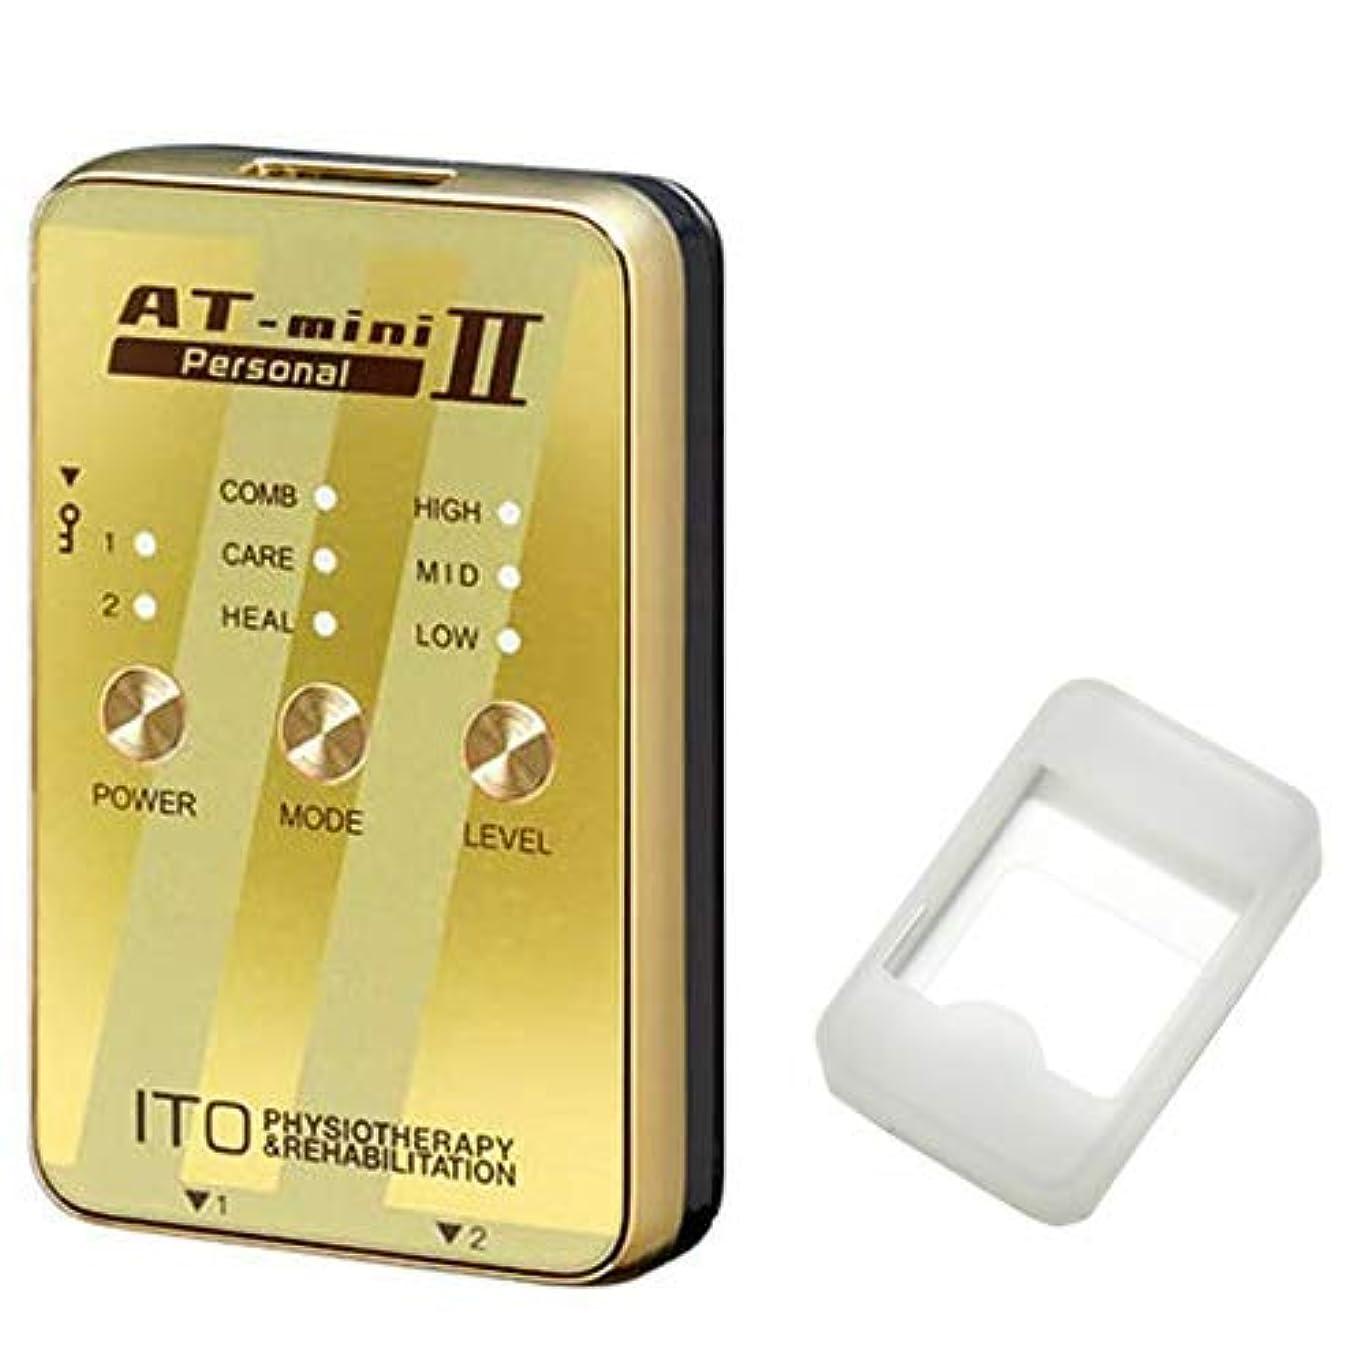 移行する花討論低周波治療器 AT-mini personal II ゴールド (ATミニパーソナル2) + シリコン保護ケース